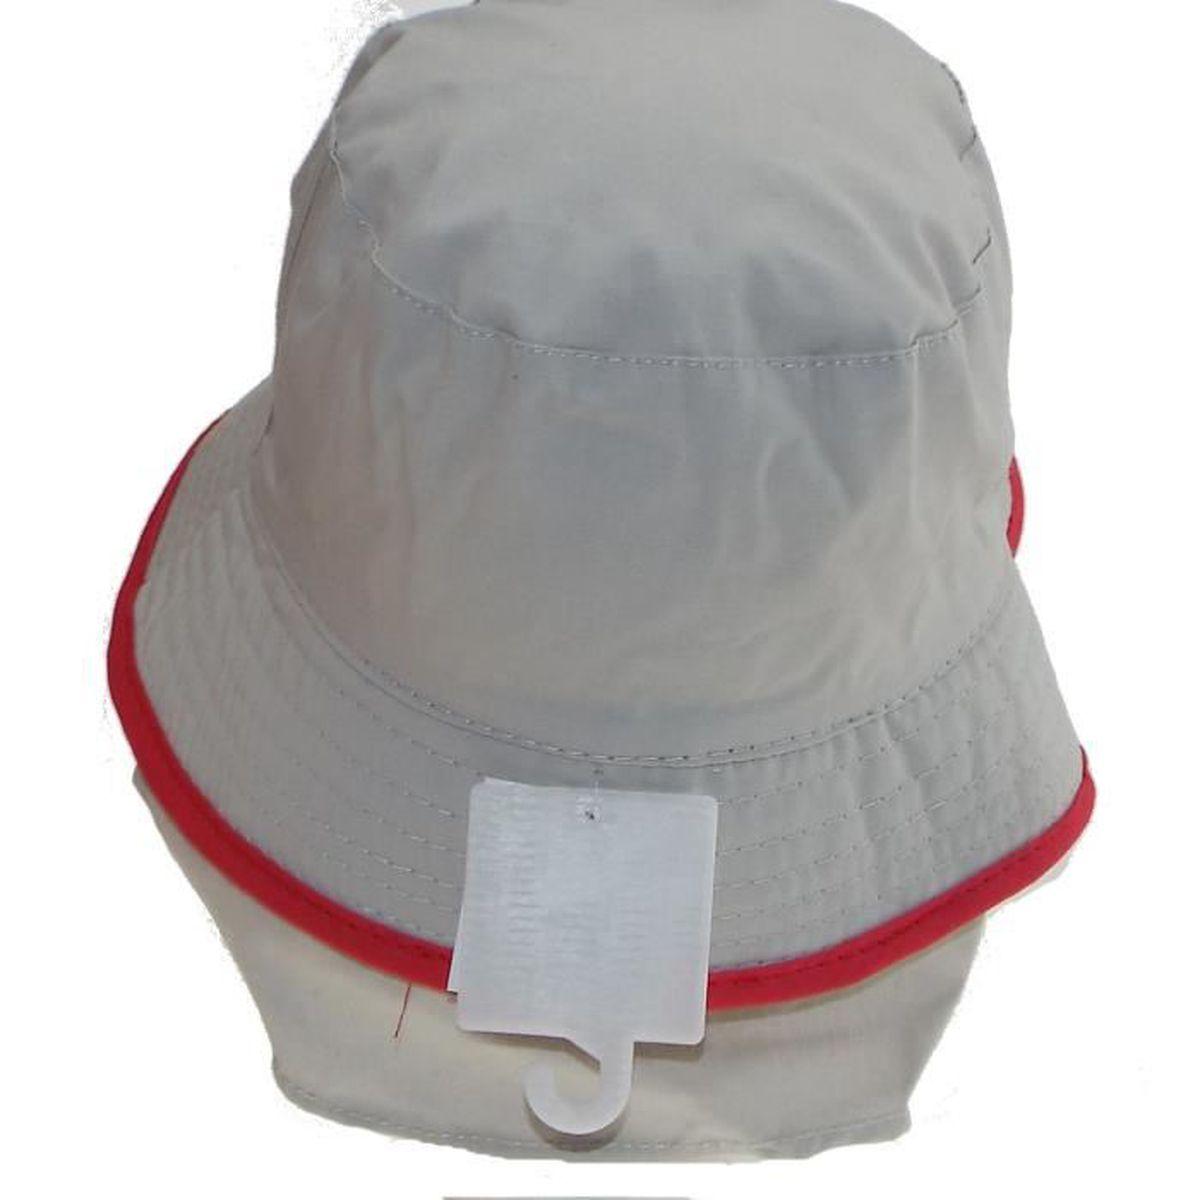 1 bob avec cache nuque - chapeau - enfant - mixte - taille 53 - n°3 - 100%  coton. - Achat   Vente chapeau - bob 2009376963078 - Soldes  dès le 9  janvier ! aacd1807cba